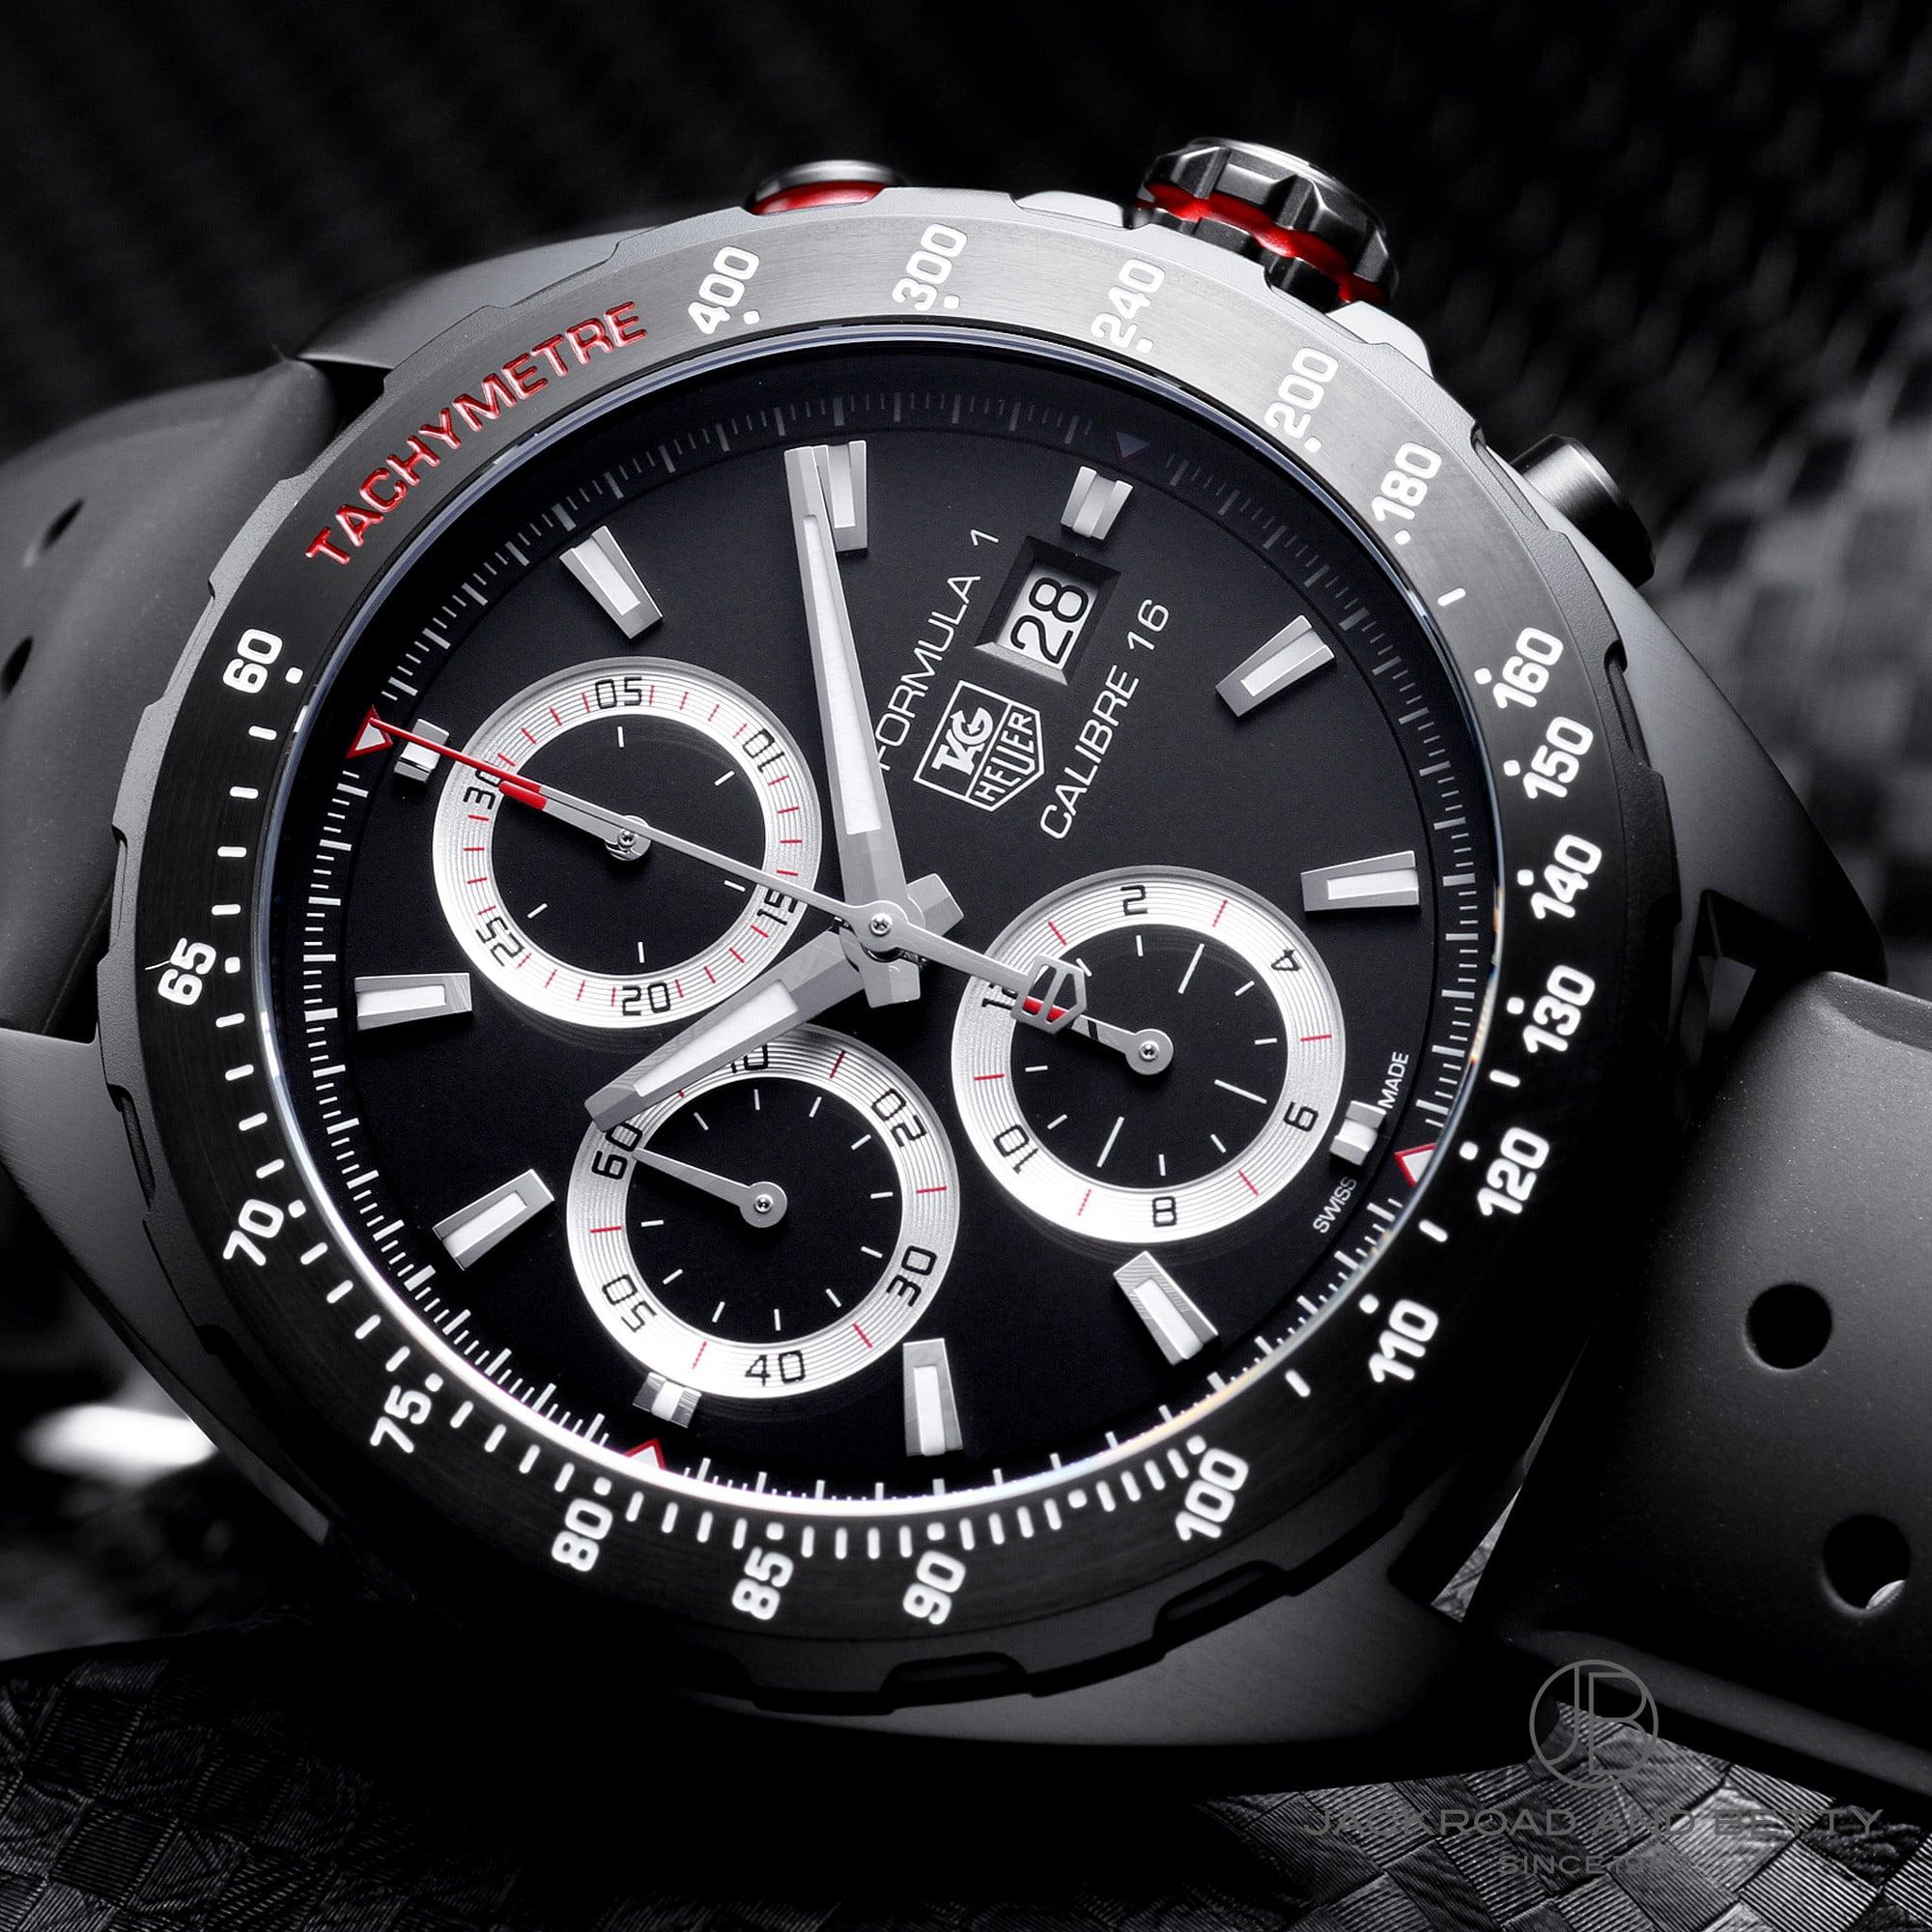 タグ・ホイヤー TAG HEUER フォーミュラ1 クロノグラフ フルブラック (Ref.CAZ2011.FT8024 / Formula 1 Chronograph Full Black )